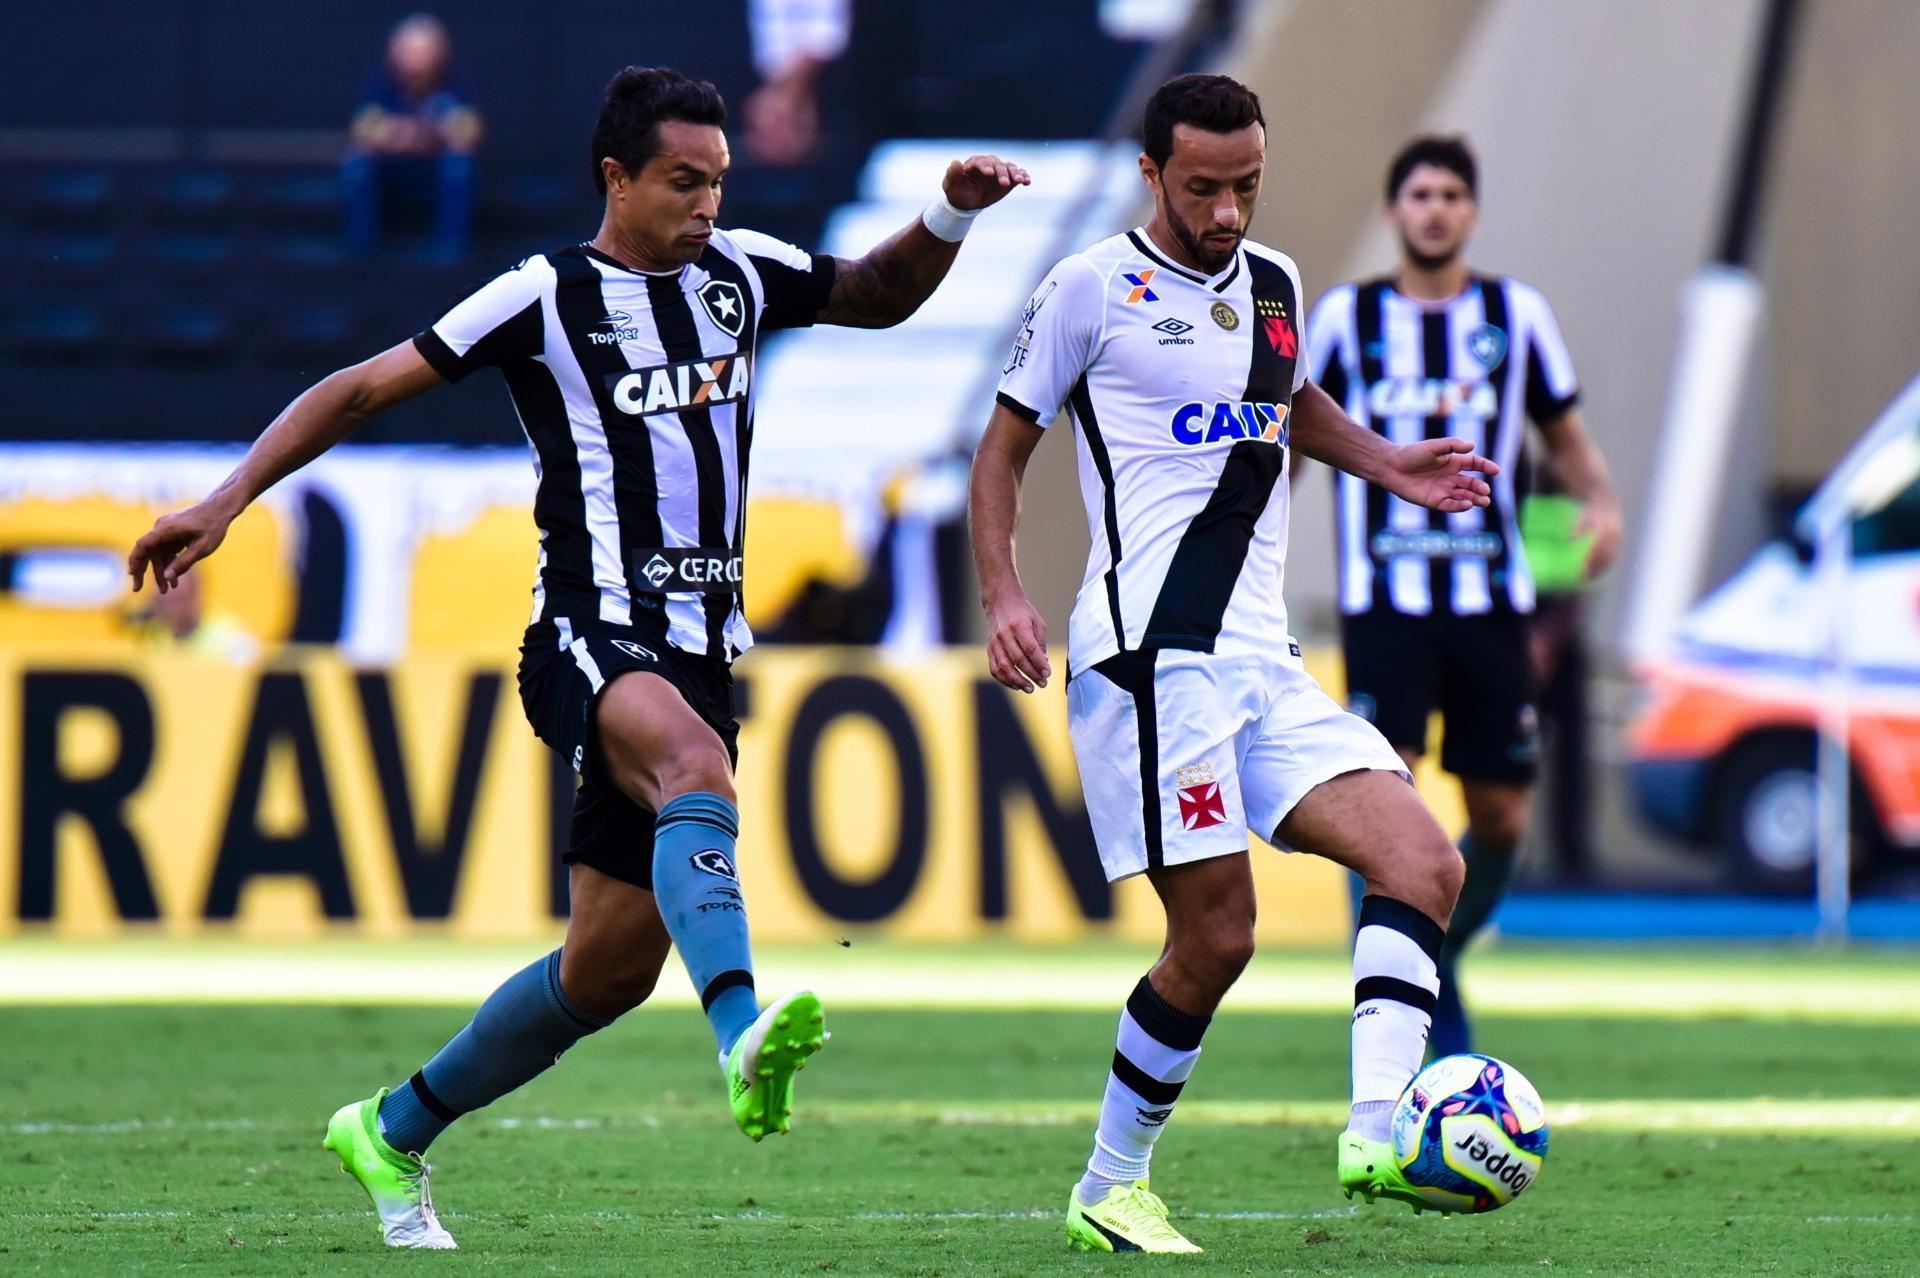 Botafogo e Vasco se reencontram na Série A após quatro anos - Esporte - BOL cb264d6b3c64e